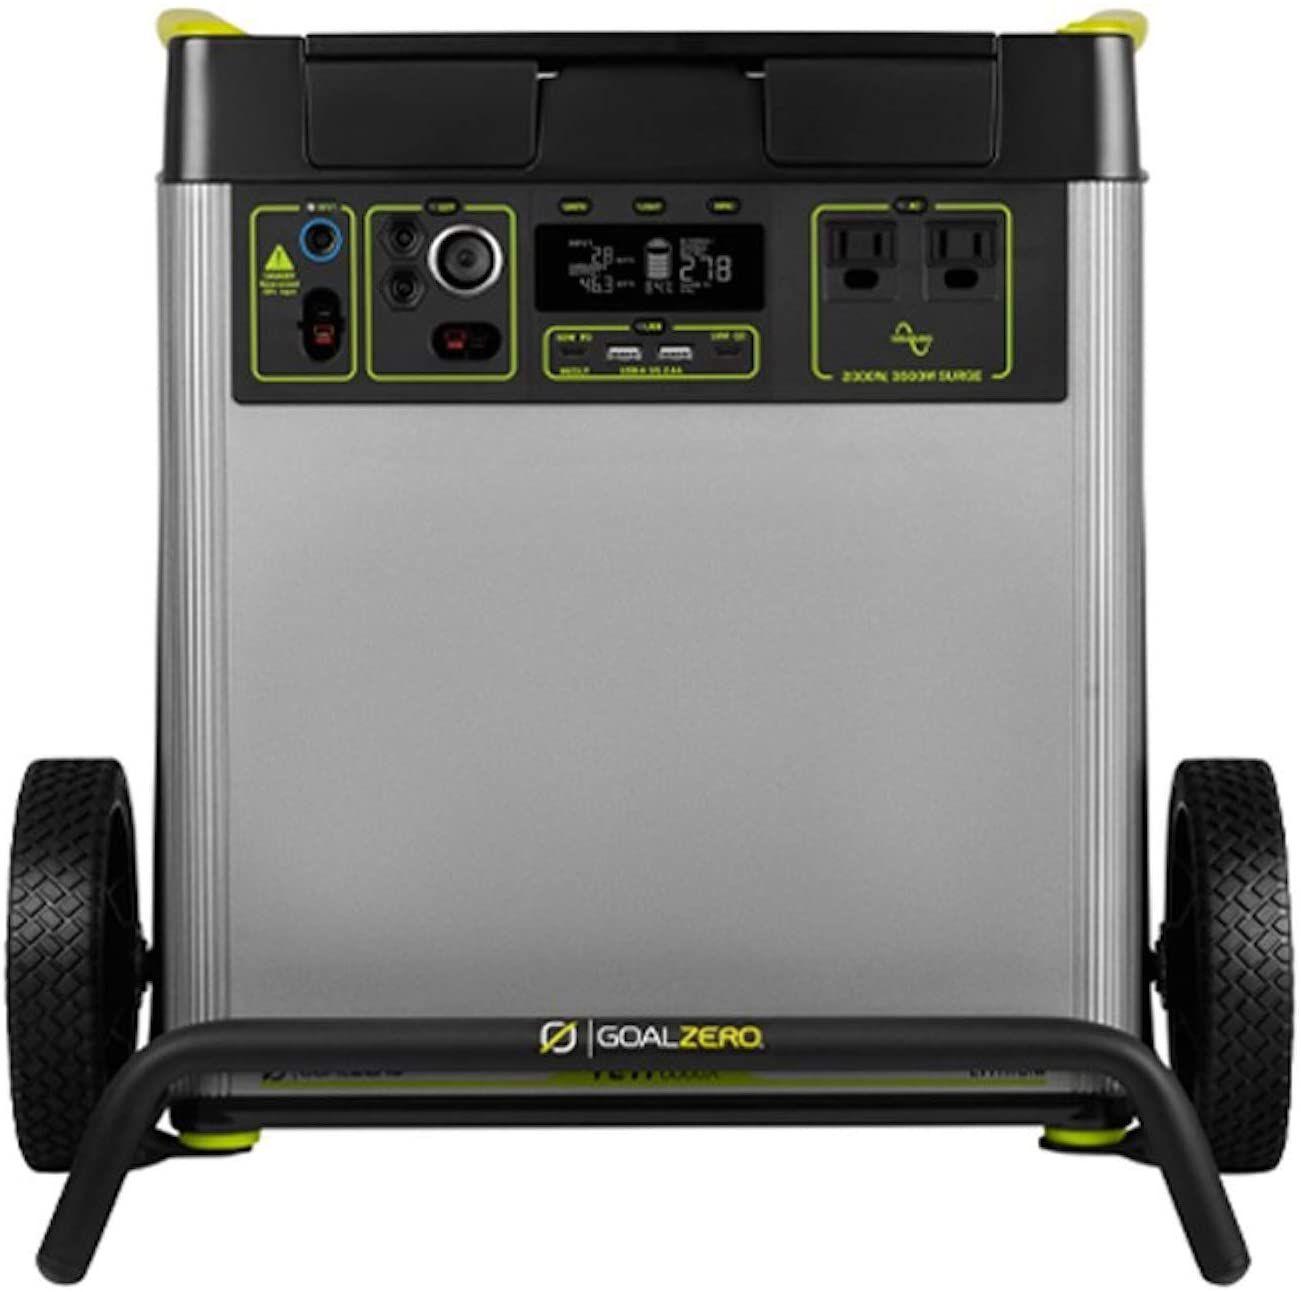 Goal Zero 6000X Portable Power Station